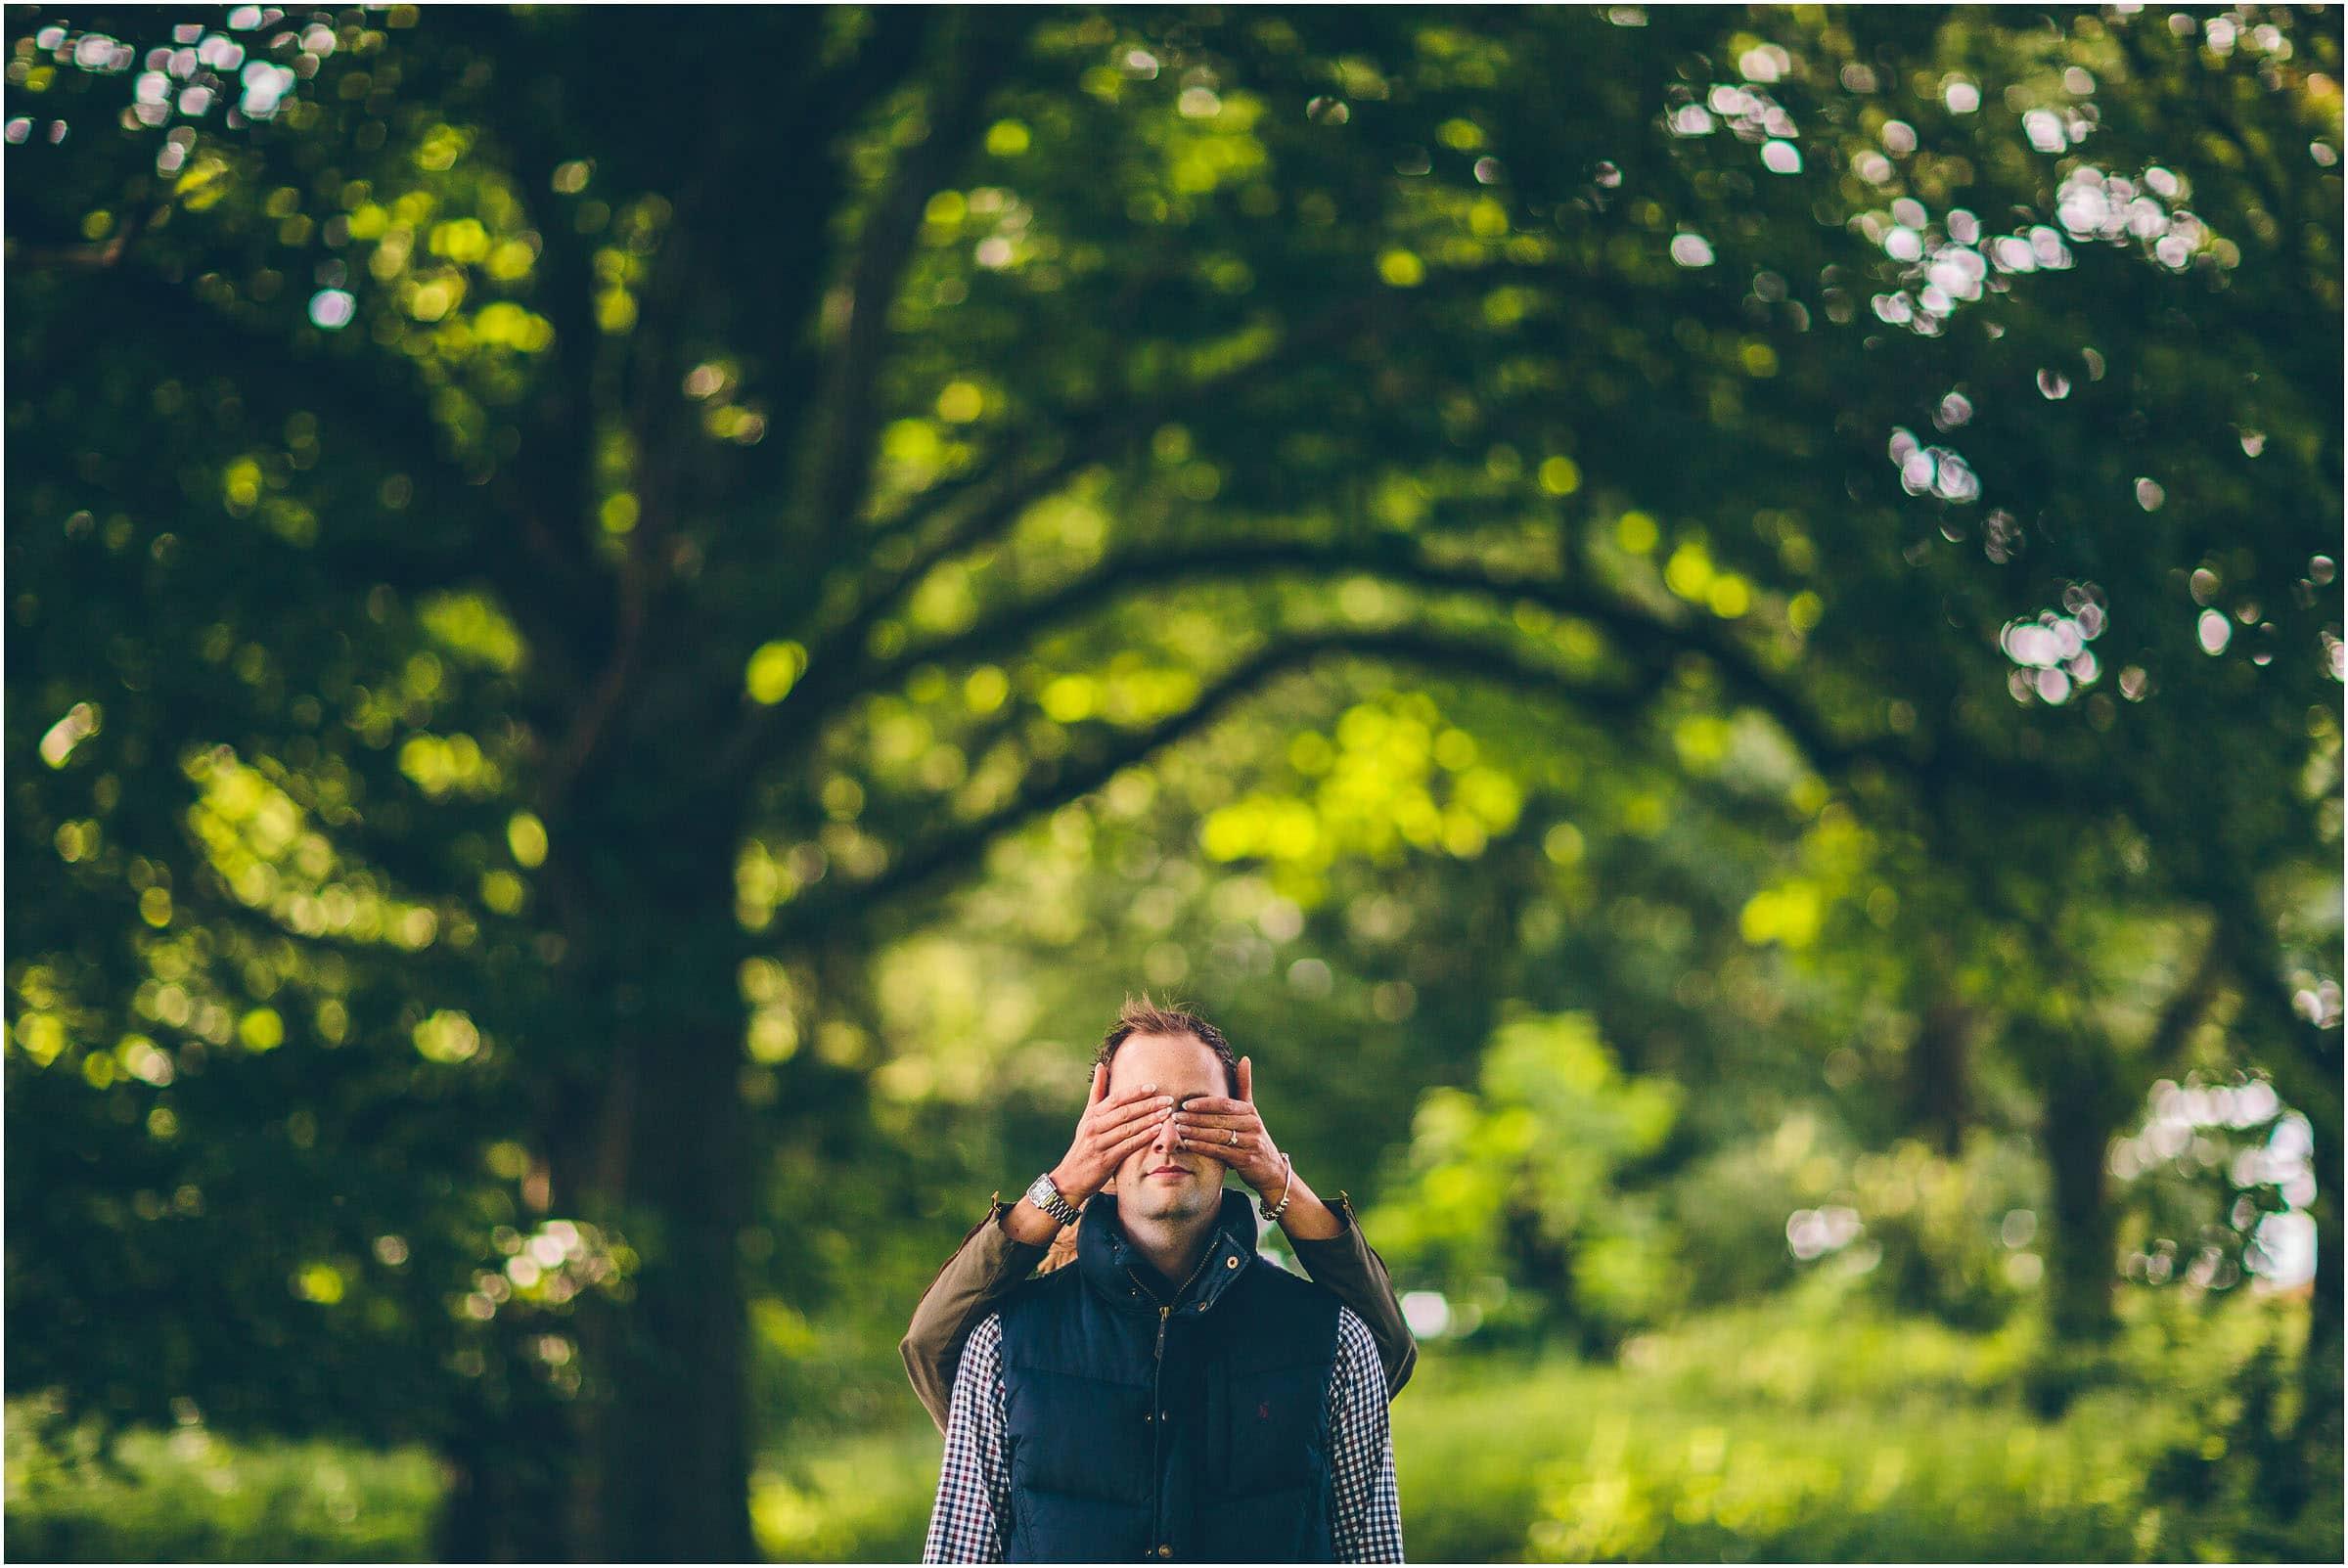 Rivington_Engagement_Photography_0009